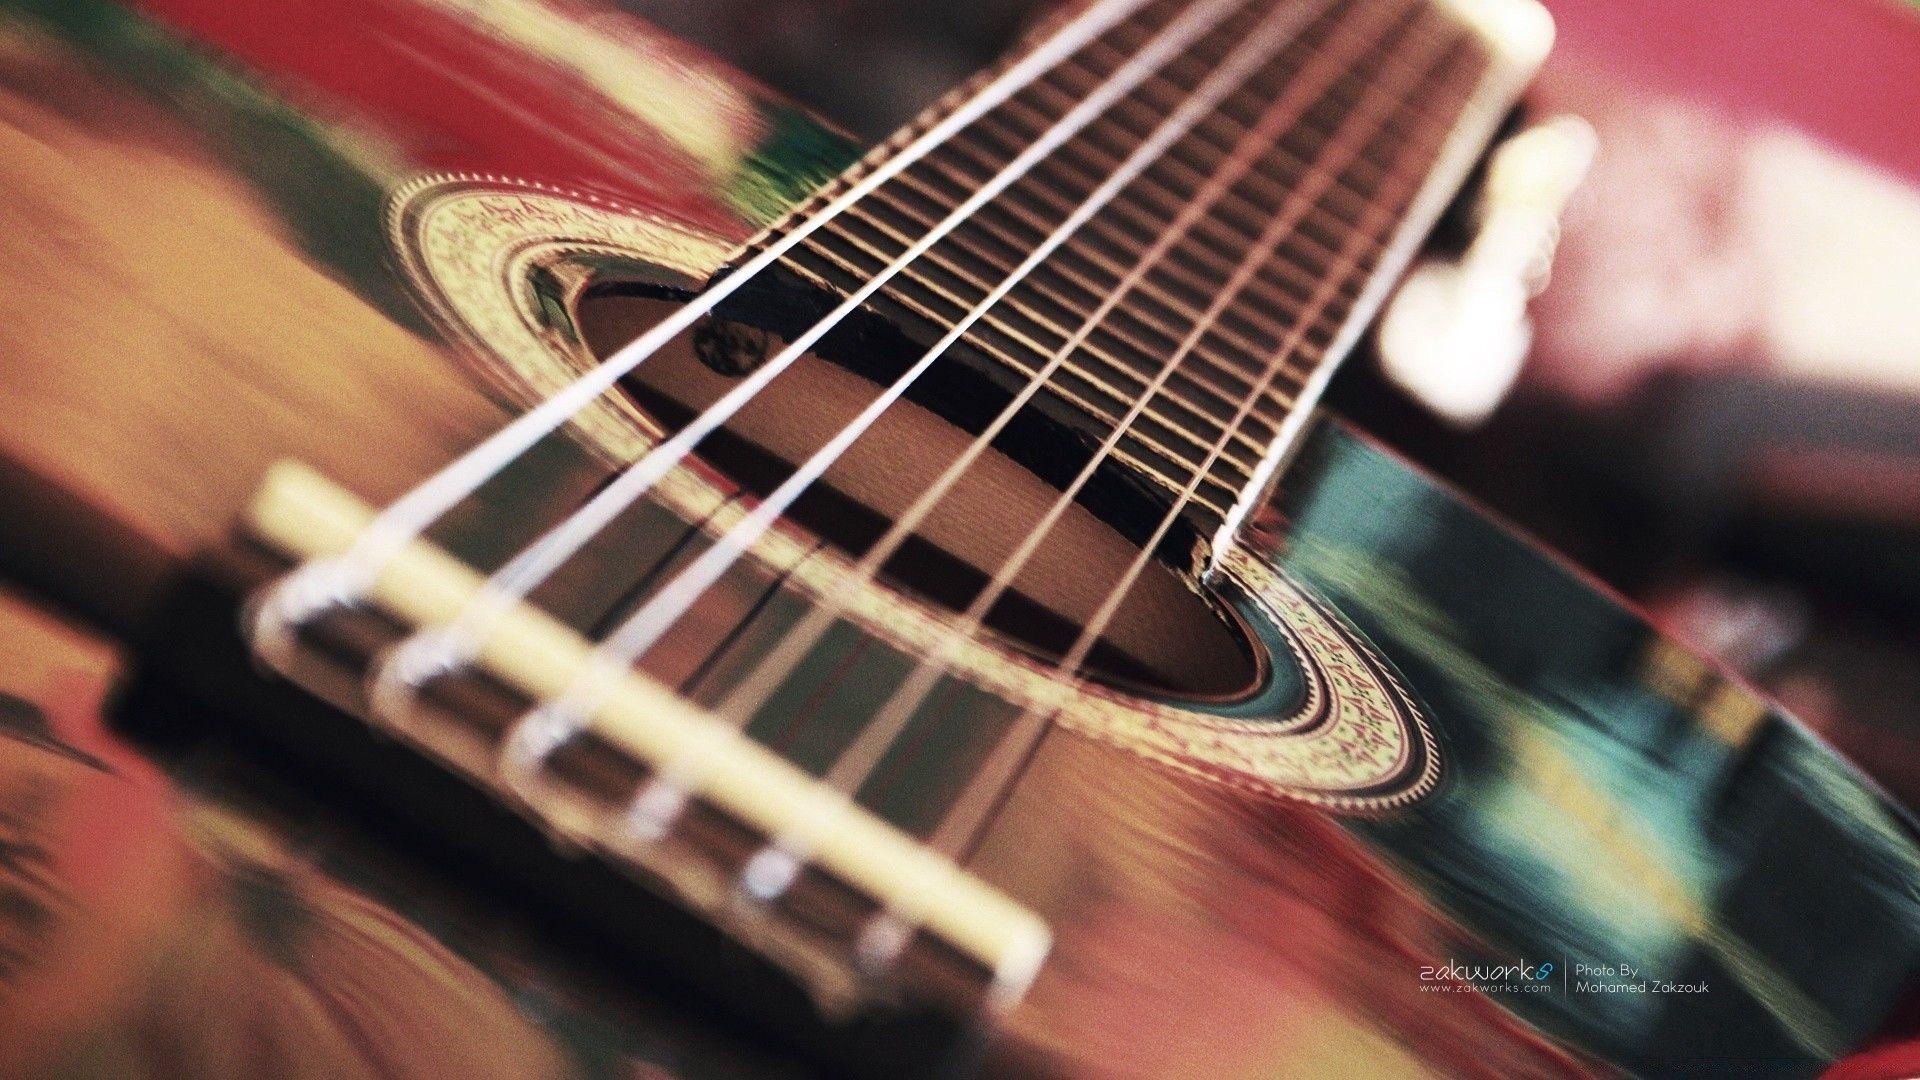 Acoustic Guitar strings, Best Wallpaper